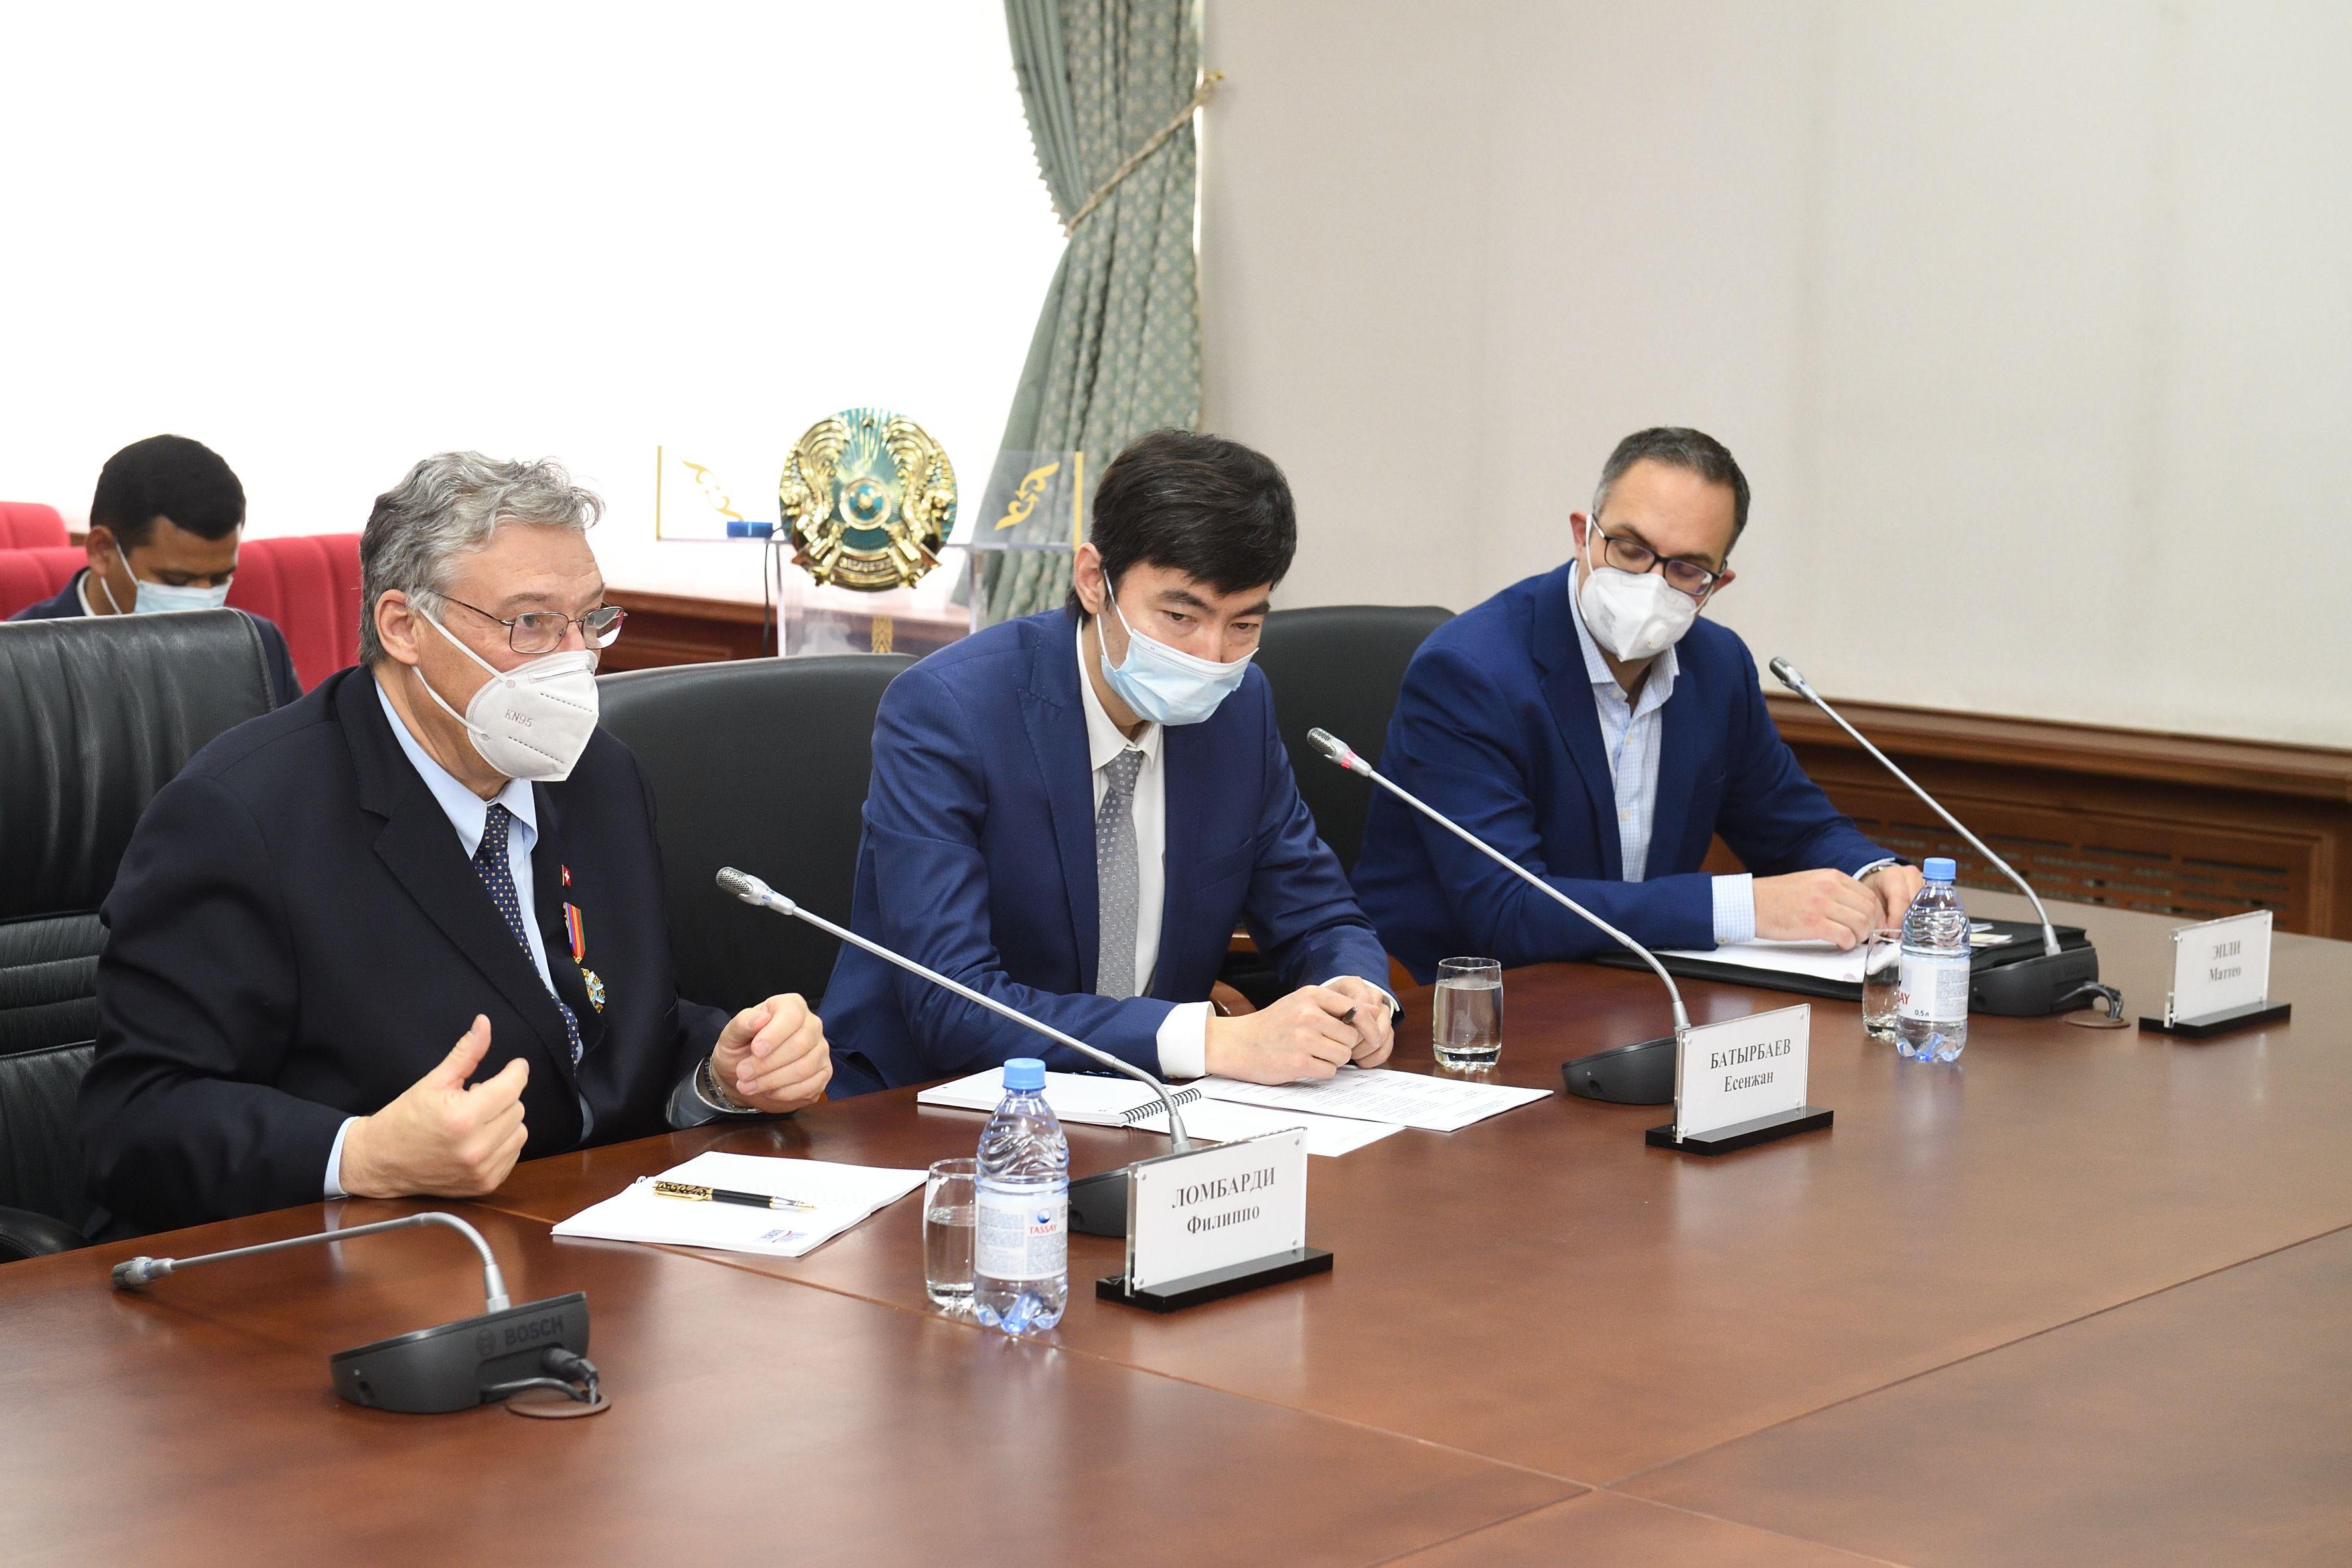 В Алматинской области построят животноводческий комплекс 629221 - Kapital.kz